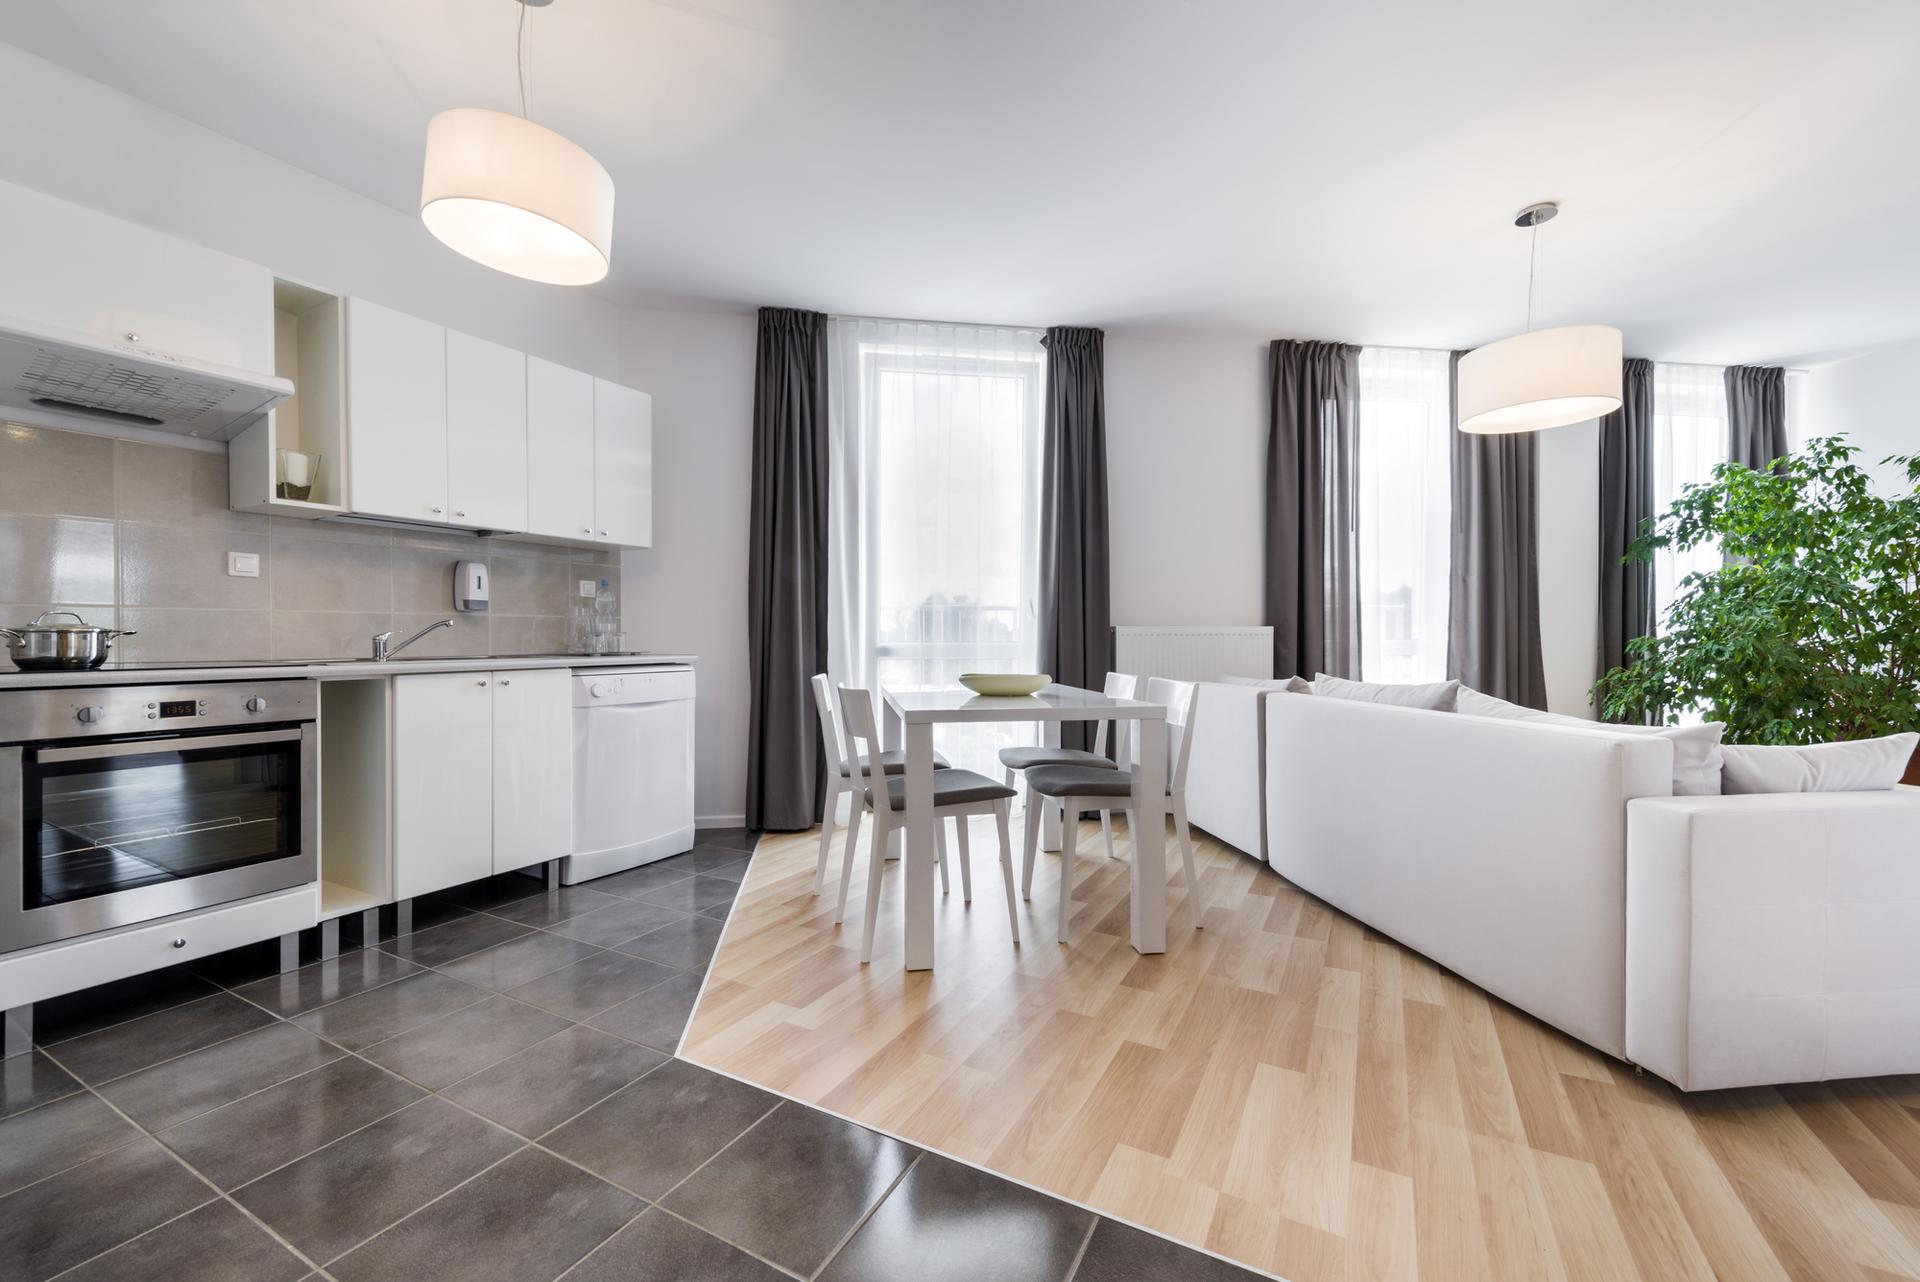 плитка и ламинат в кухне гостиной